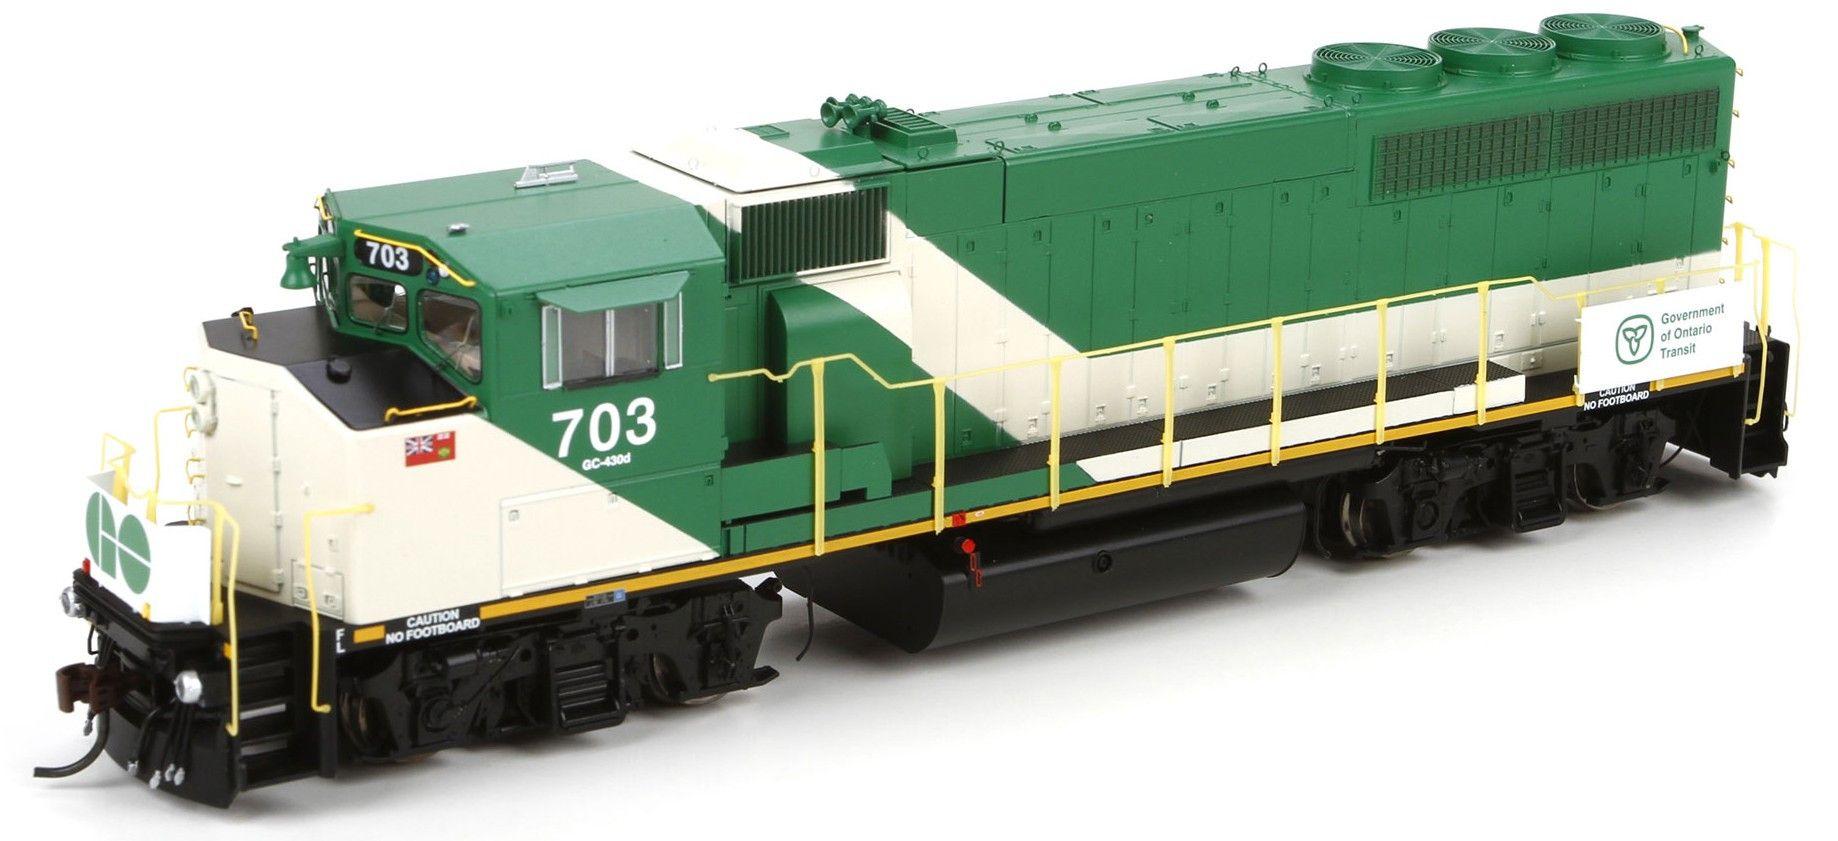 25ba000cf408a0f3ecd5dbe30339efa0 ho athearn gp40 2(w) go transit diesel locomotive w dcc and sound  at eliteediting.co